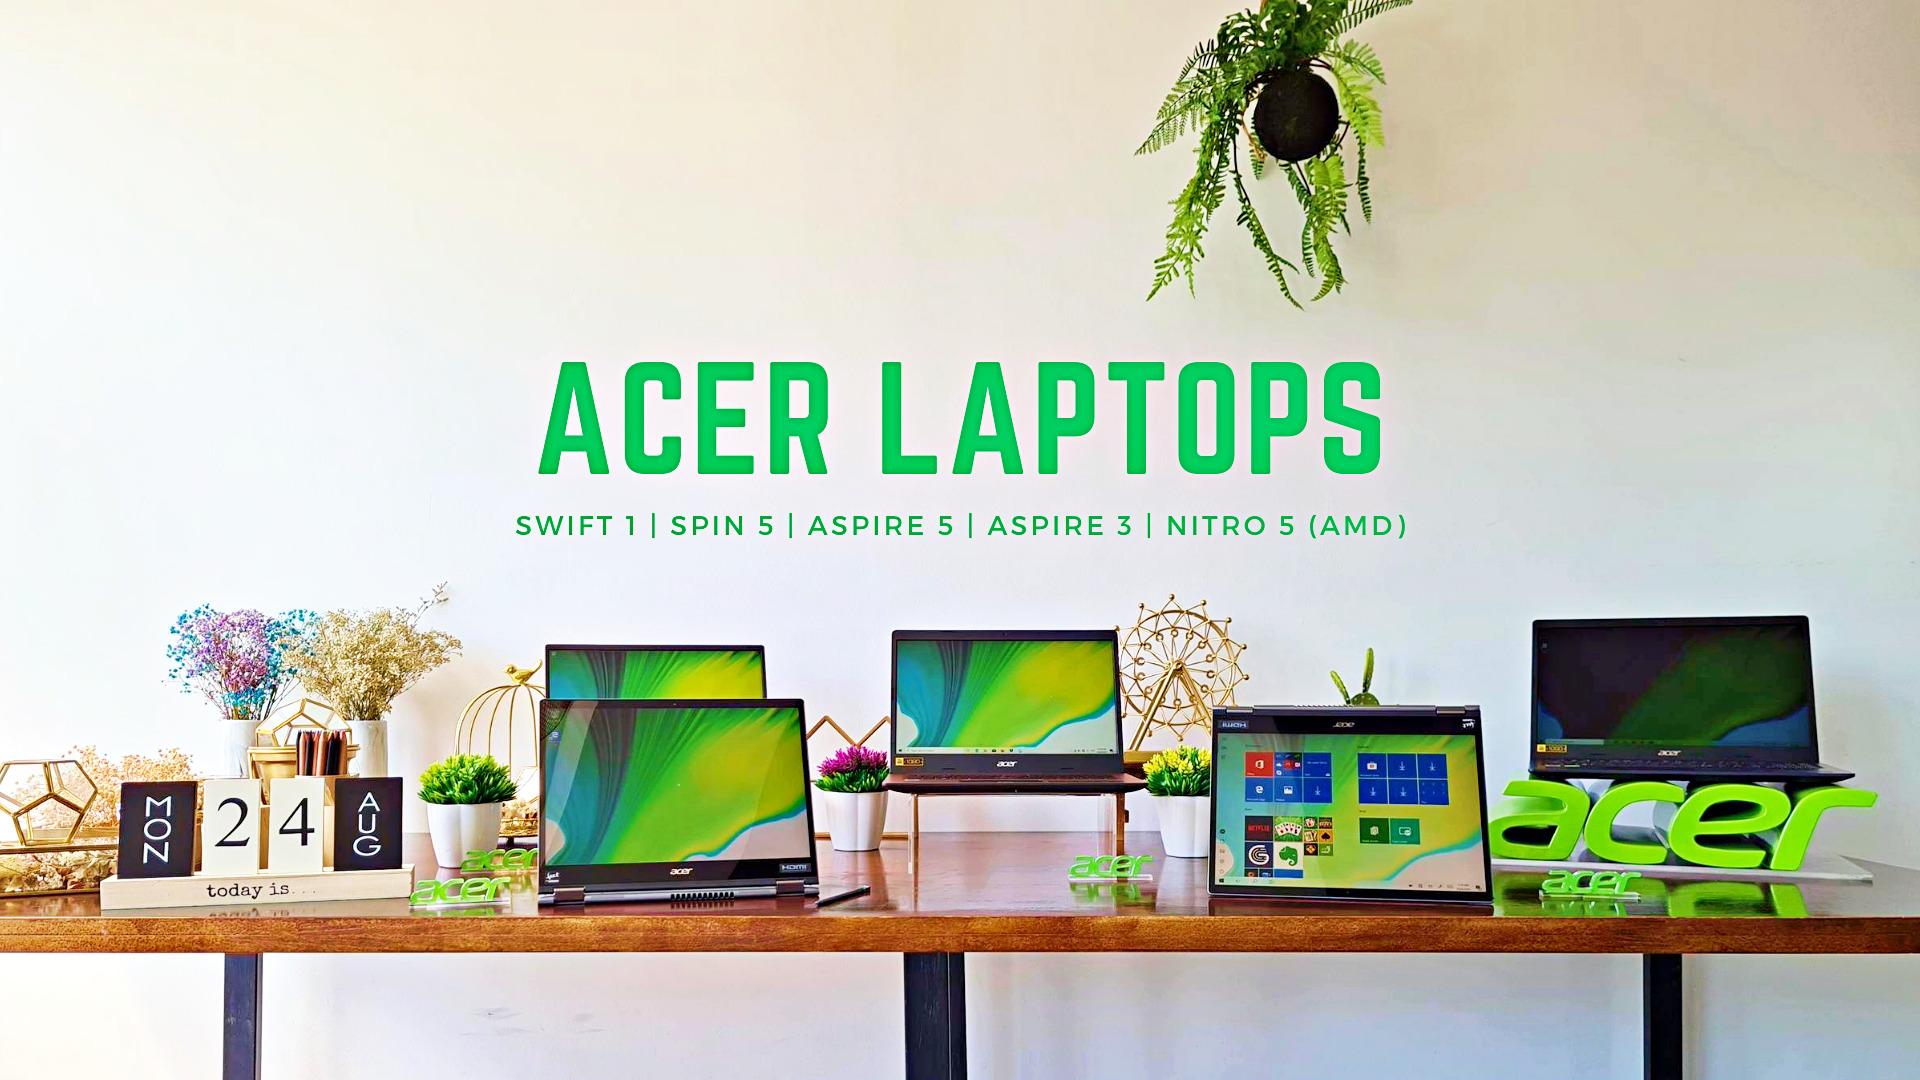 acer laptop launch